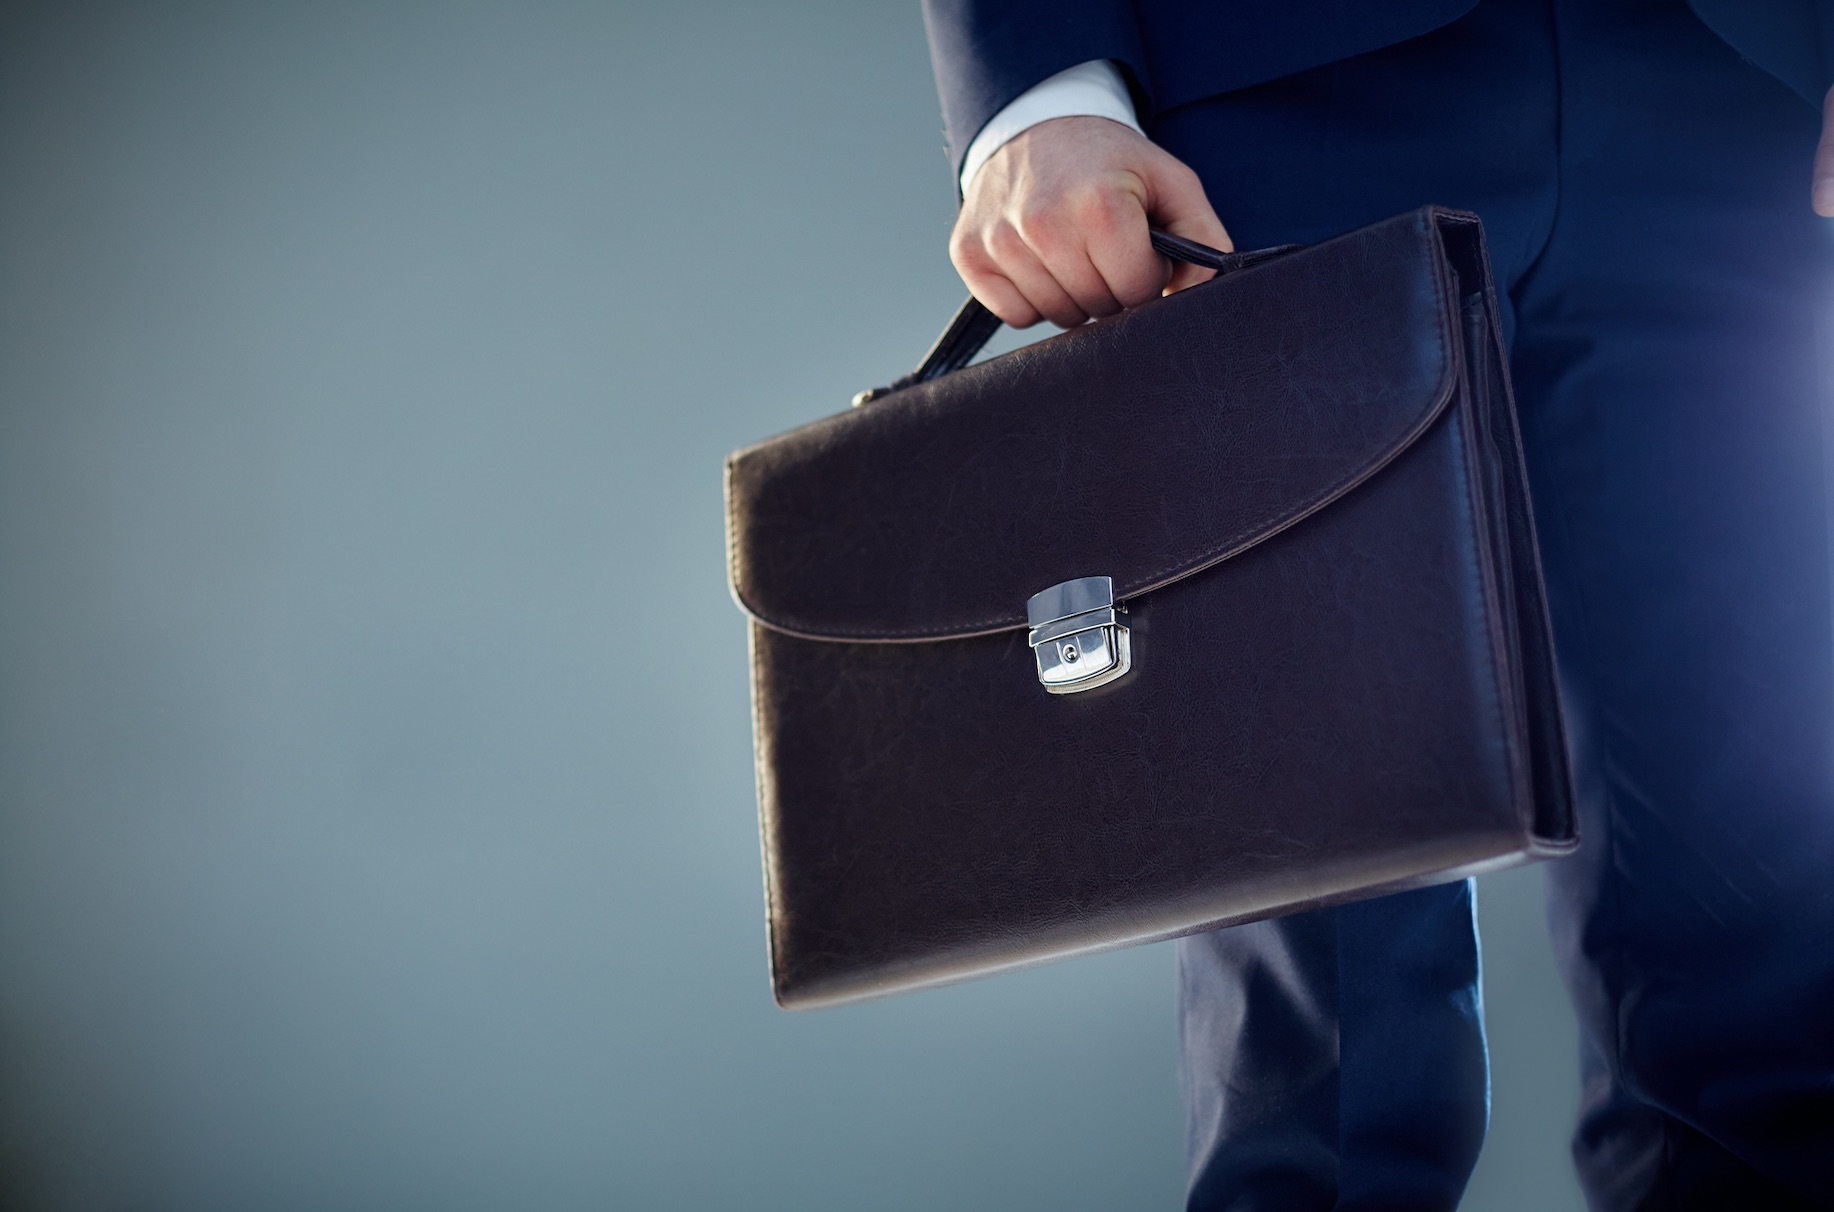 İşverenin İş Sözleşmesini Haklı Nedenle Derhal Feshi Hakkında Bilgiler